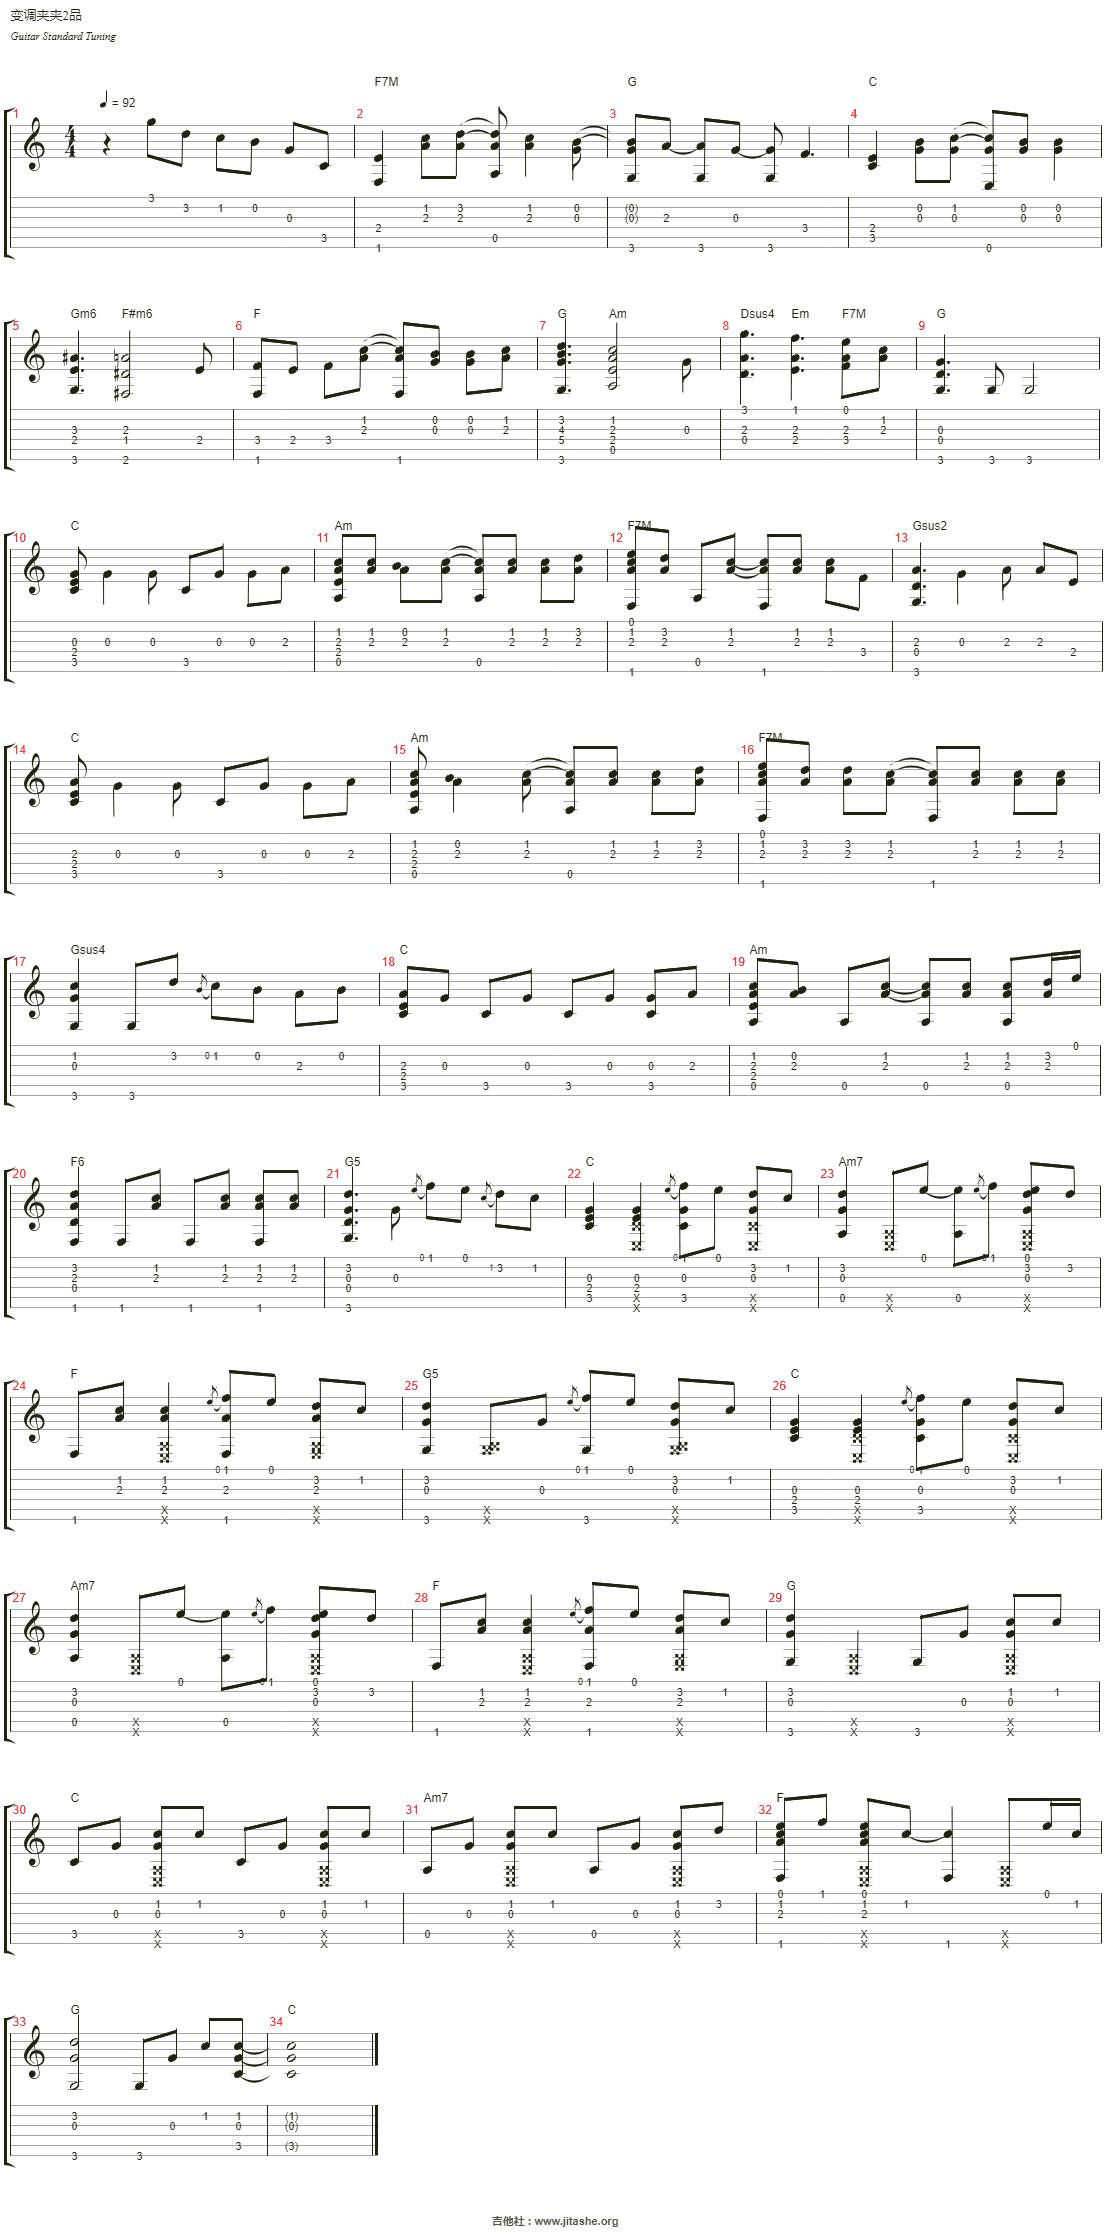 仙剑奇侠传 - 六月的雨吉他谱(音轨 1)_胡歌